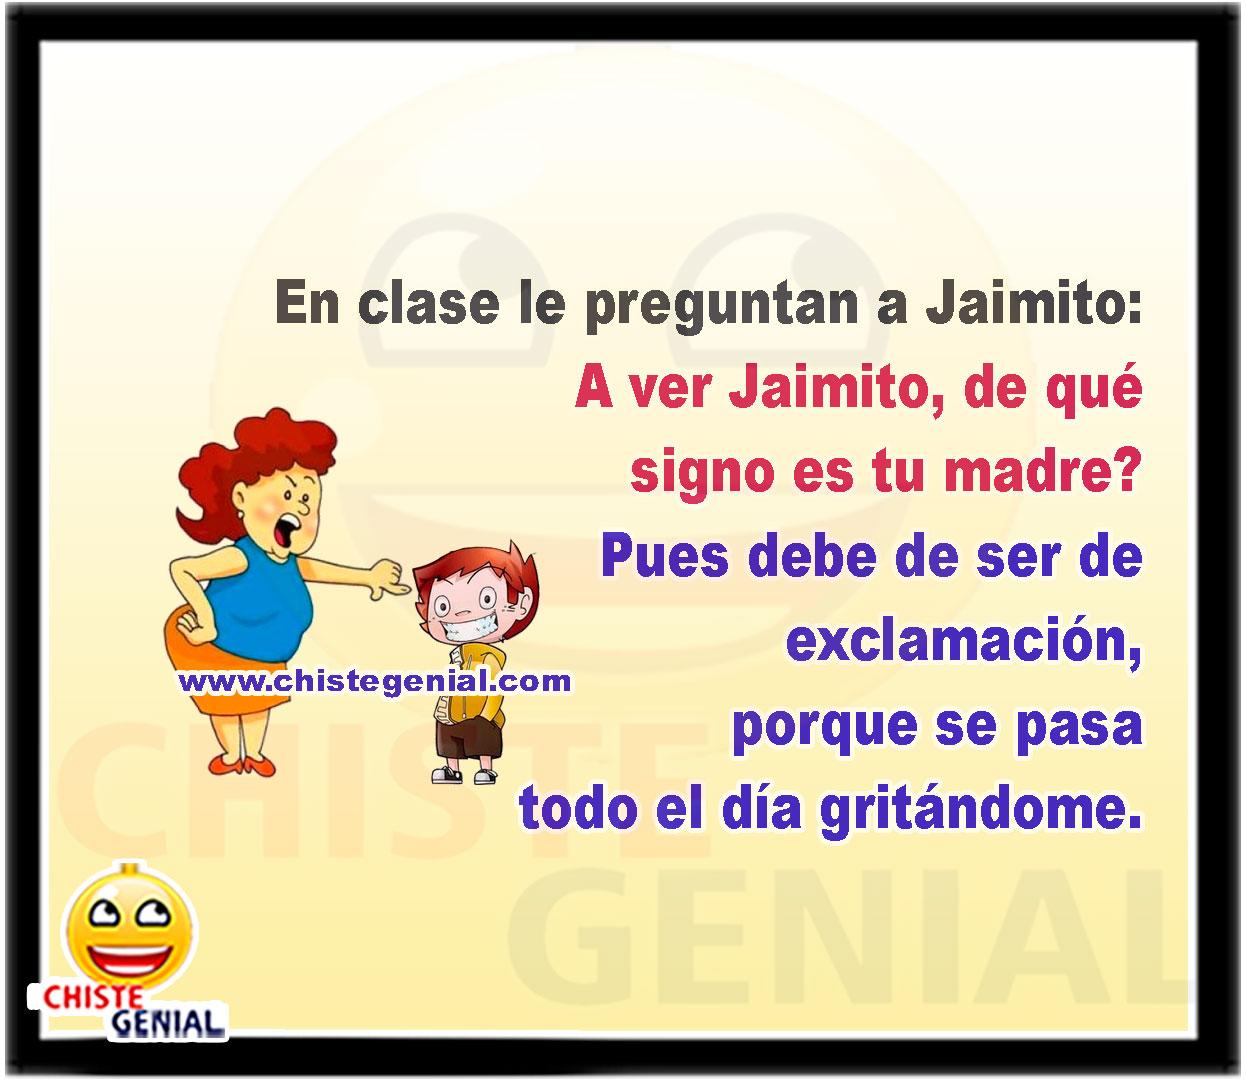 En clase le preguntan a Jaimito:  A ver Jaimito, de qué signo es tu madre?  Pues debe de ser de exclamación, porque se pasa todo el día gritándome.